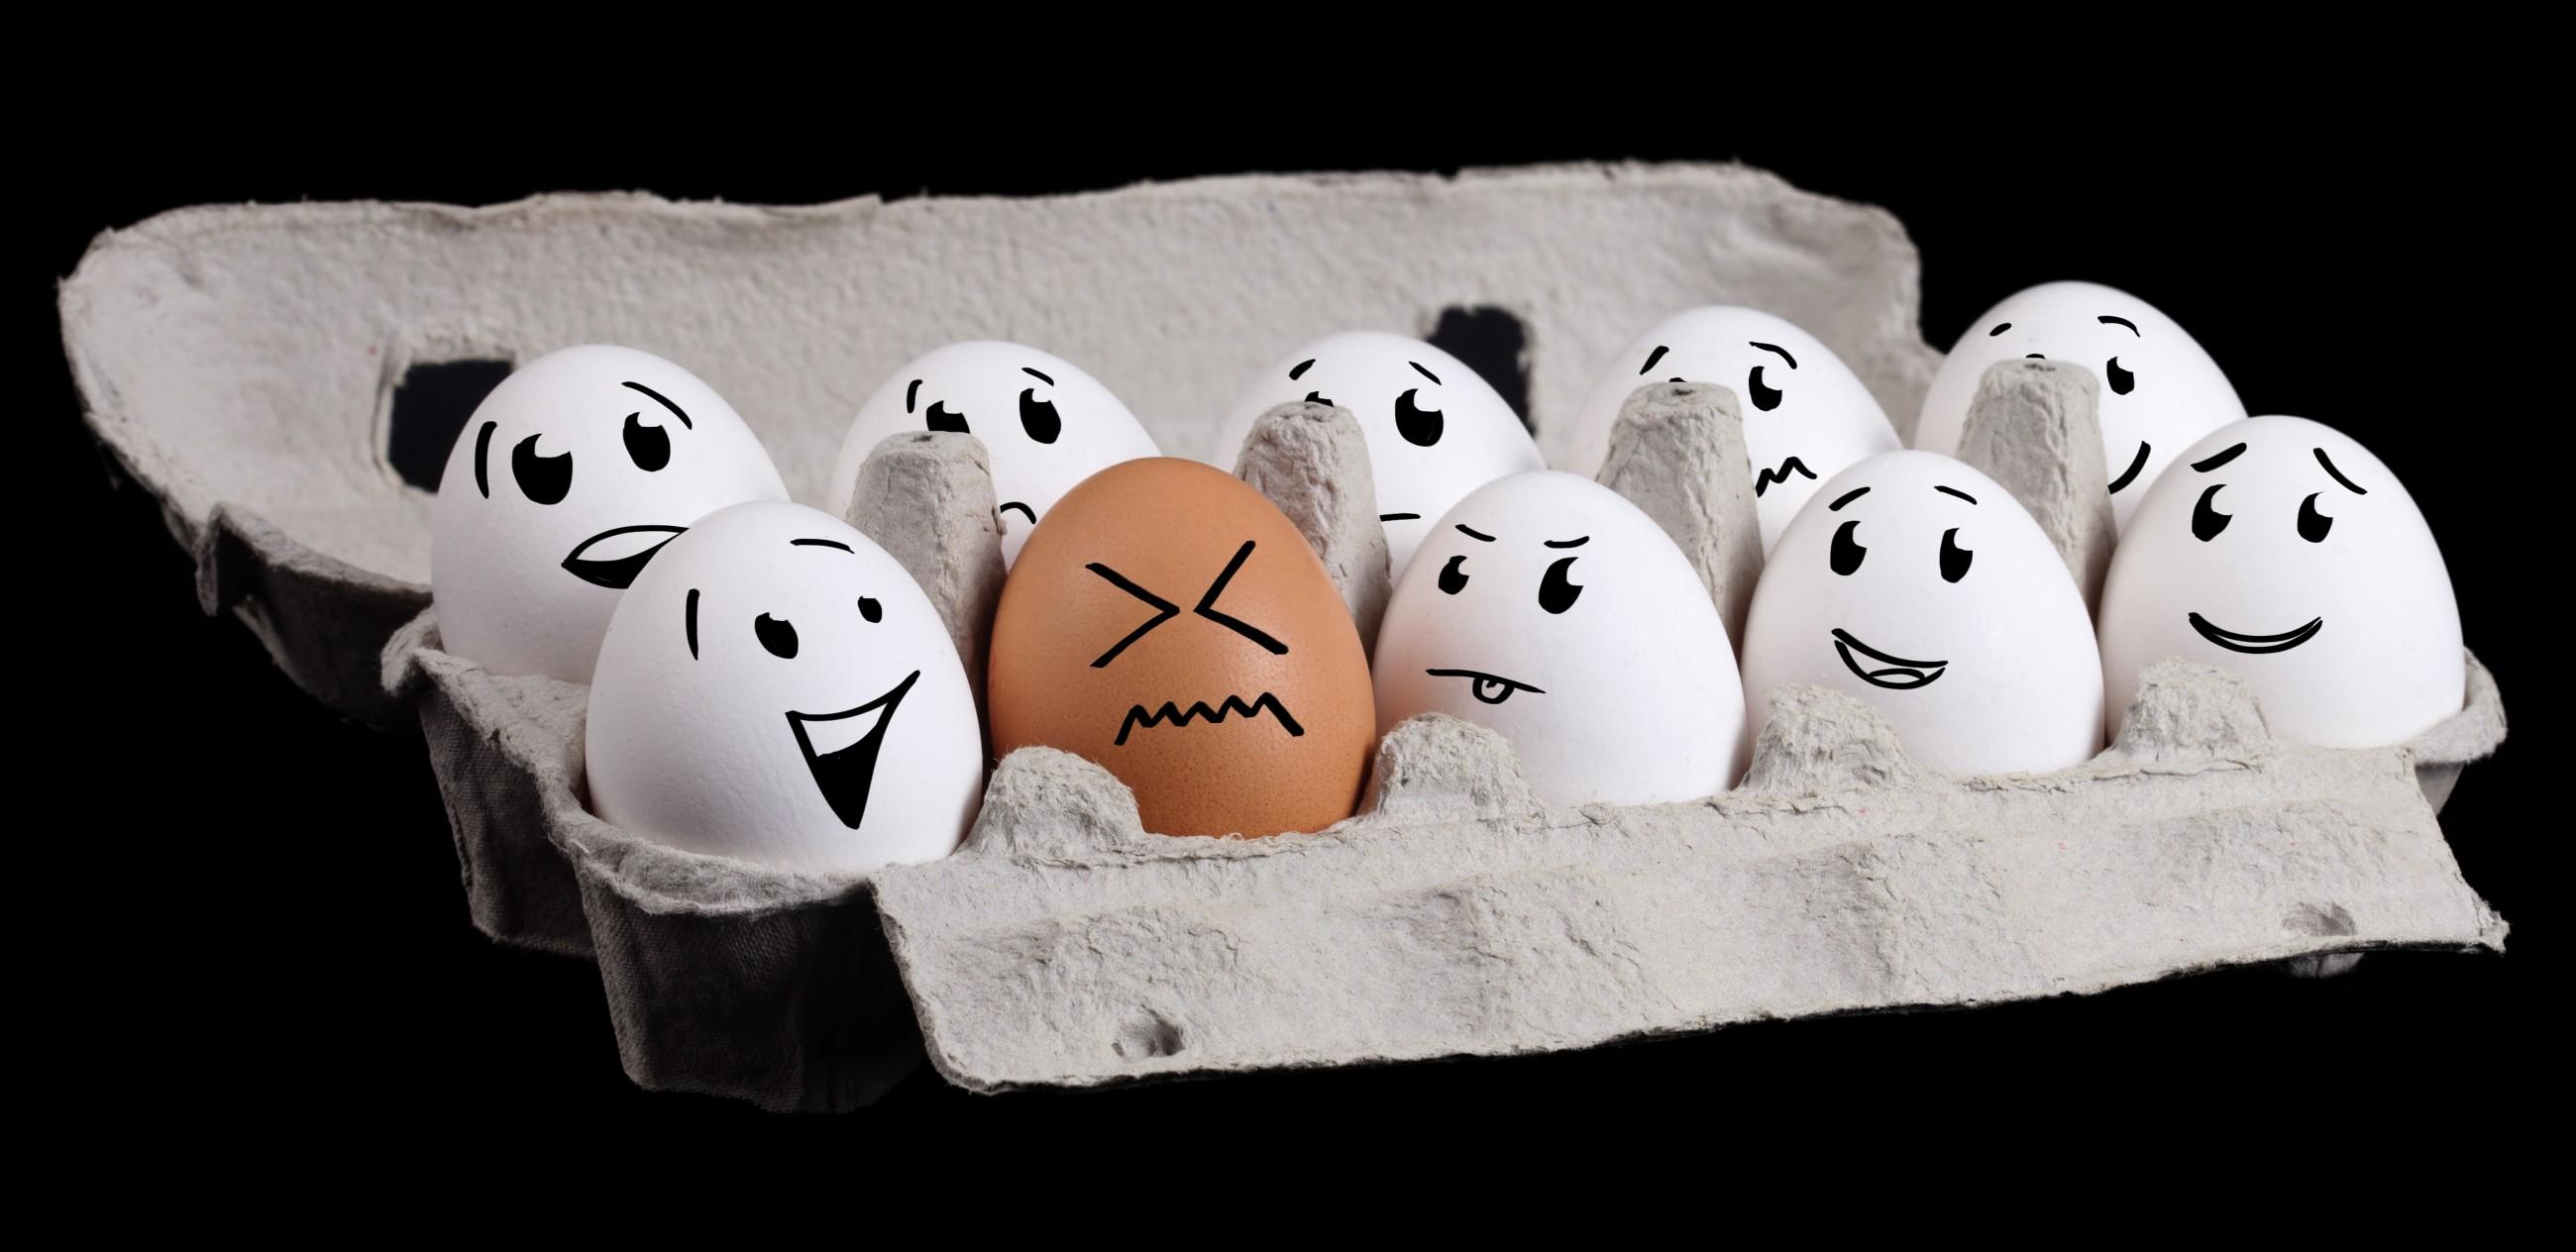 Verpassen Sie nicht die Gelegenheit, die das Ostern Ihnen bietet, und sammeln Sie einige umwerfende Bastelideen für lustige Eier Gesichter.